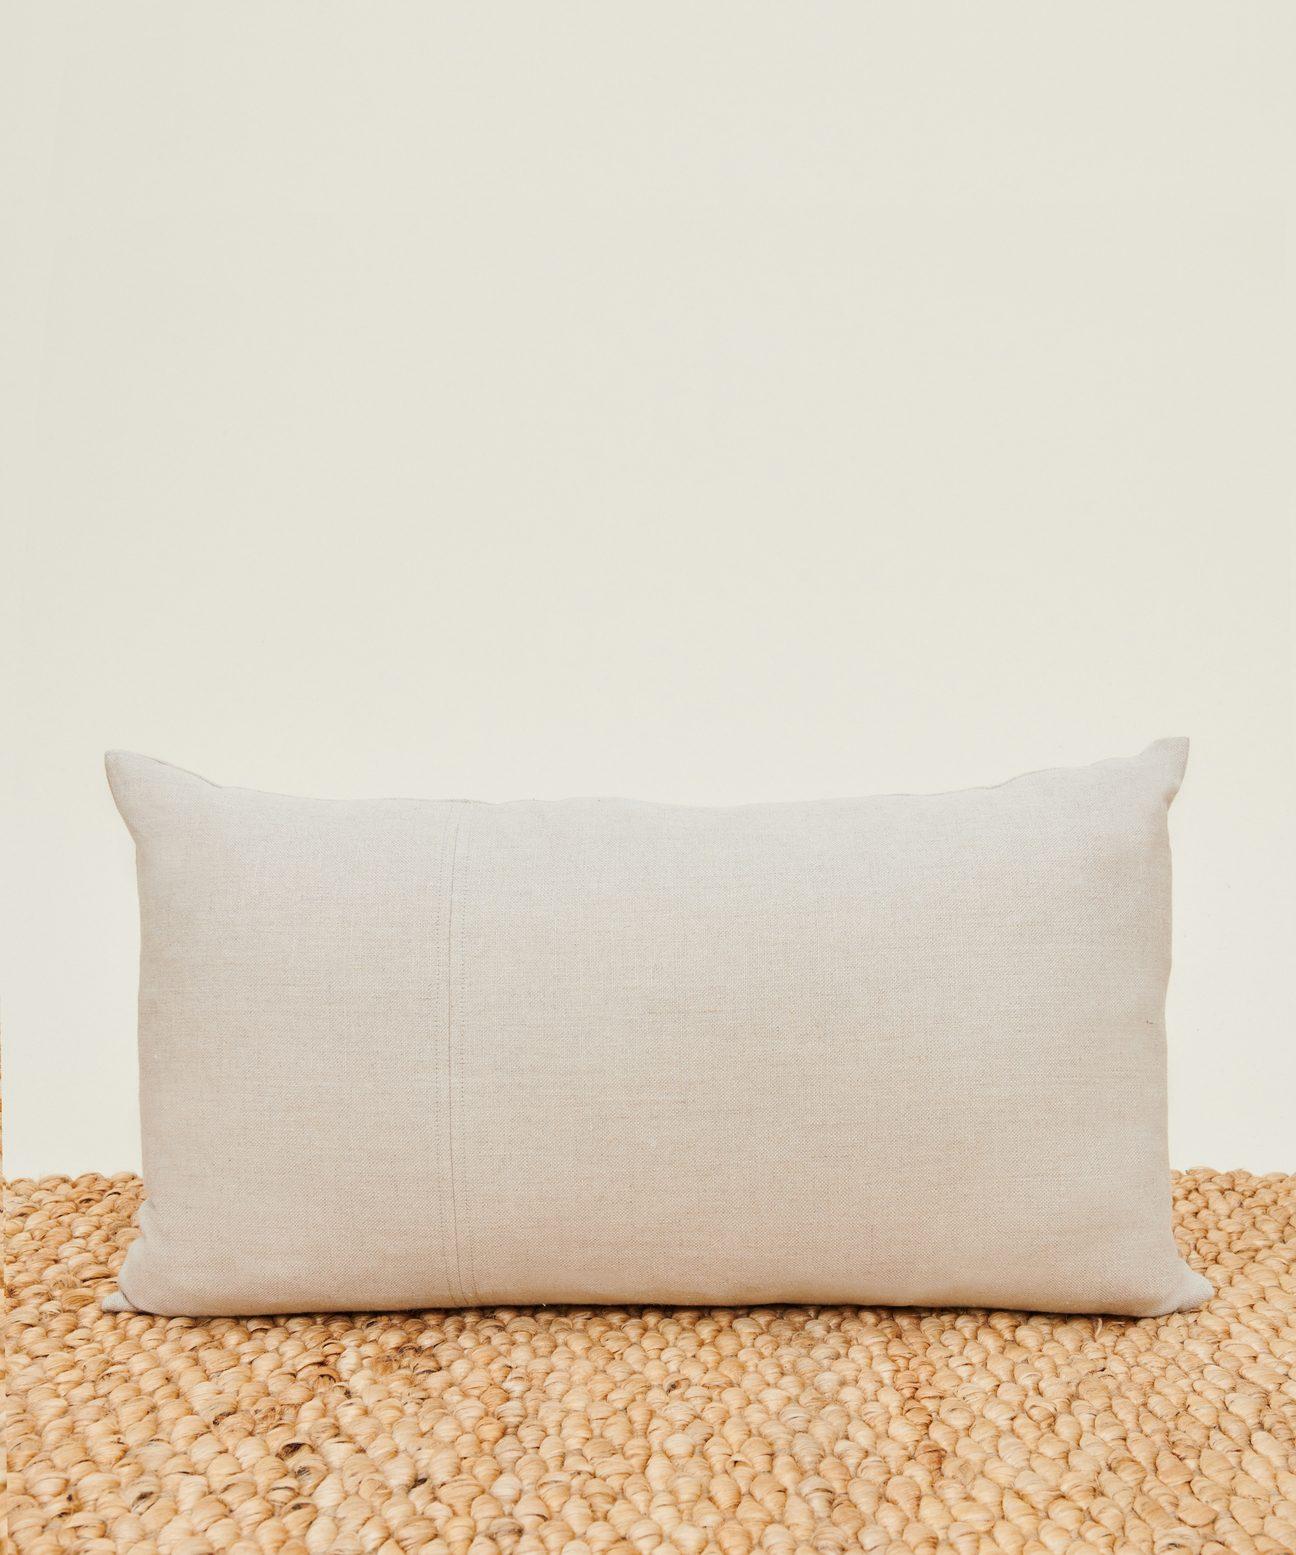 Linen Lumbar Pillow Natural Jenni Kayne